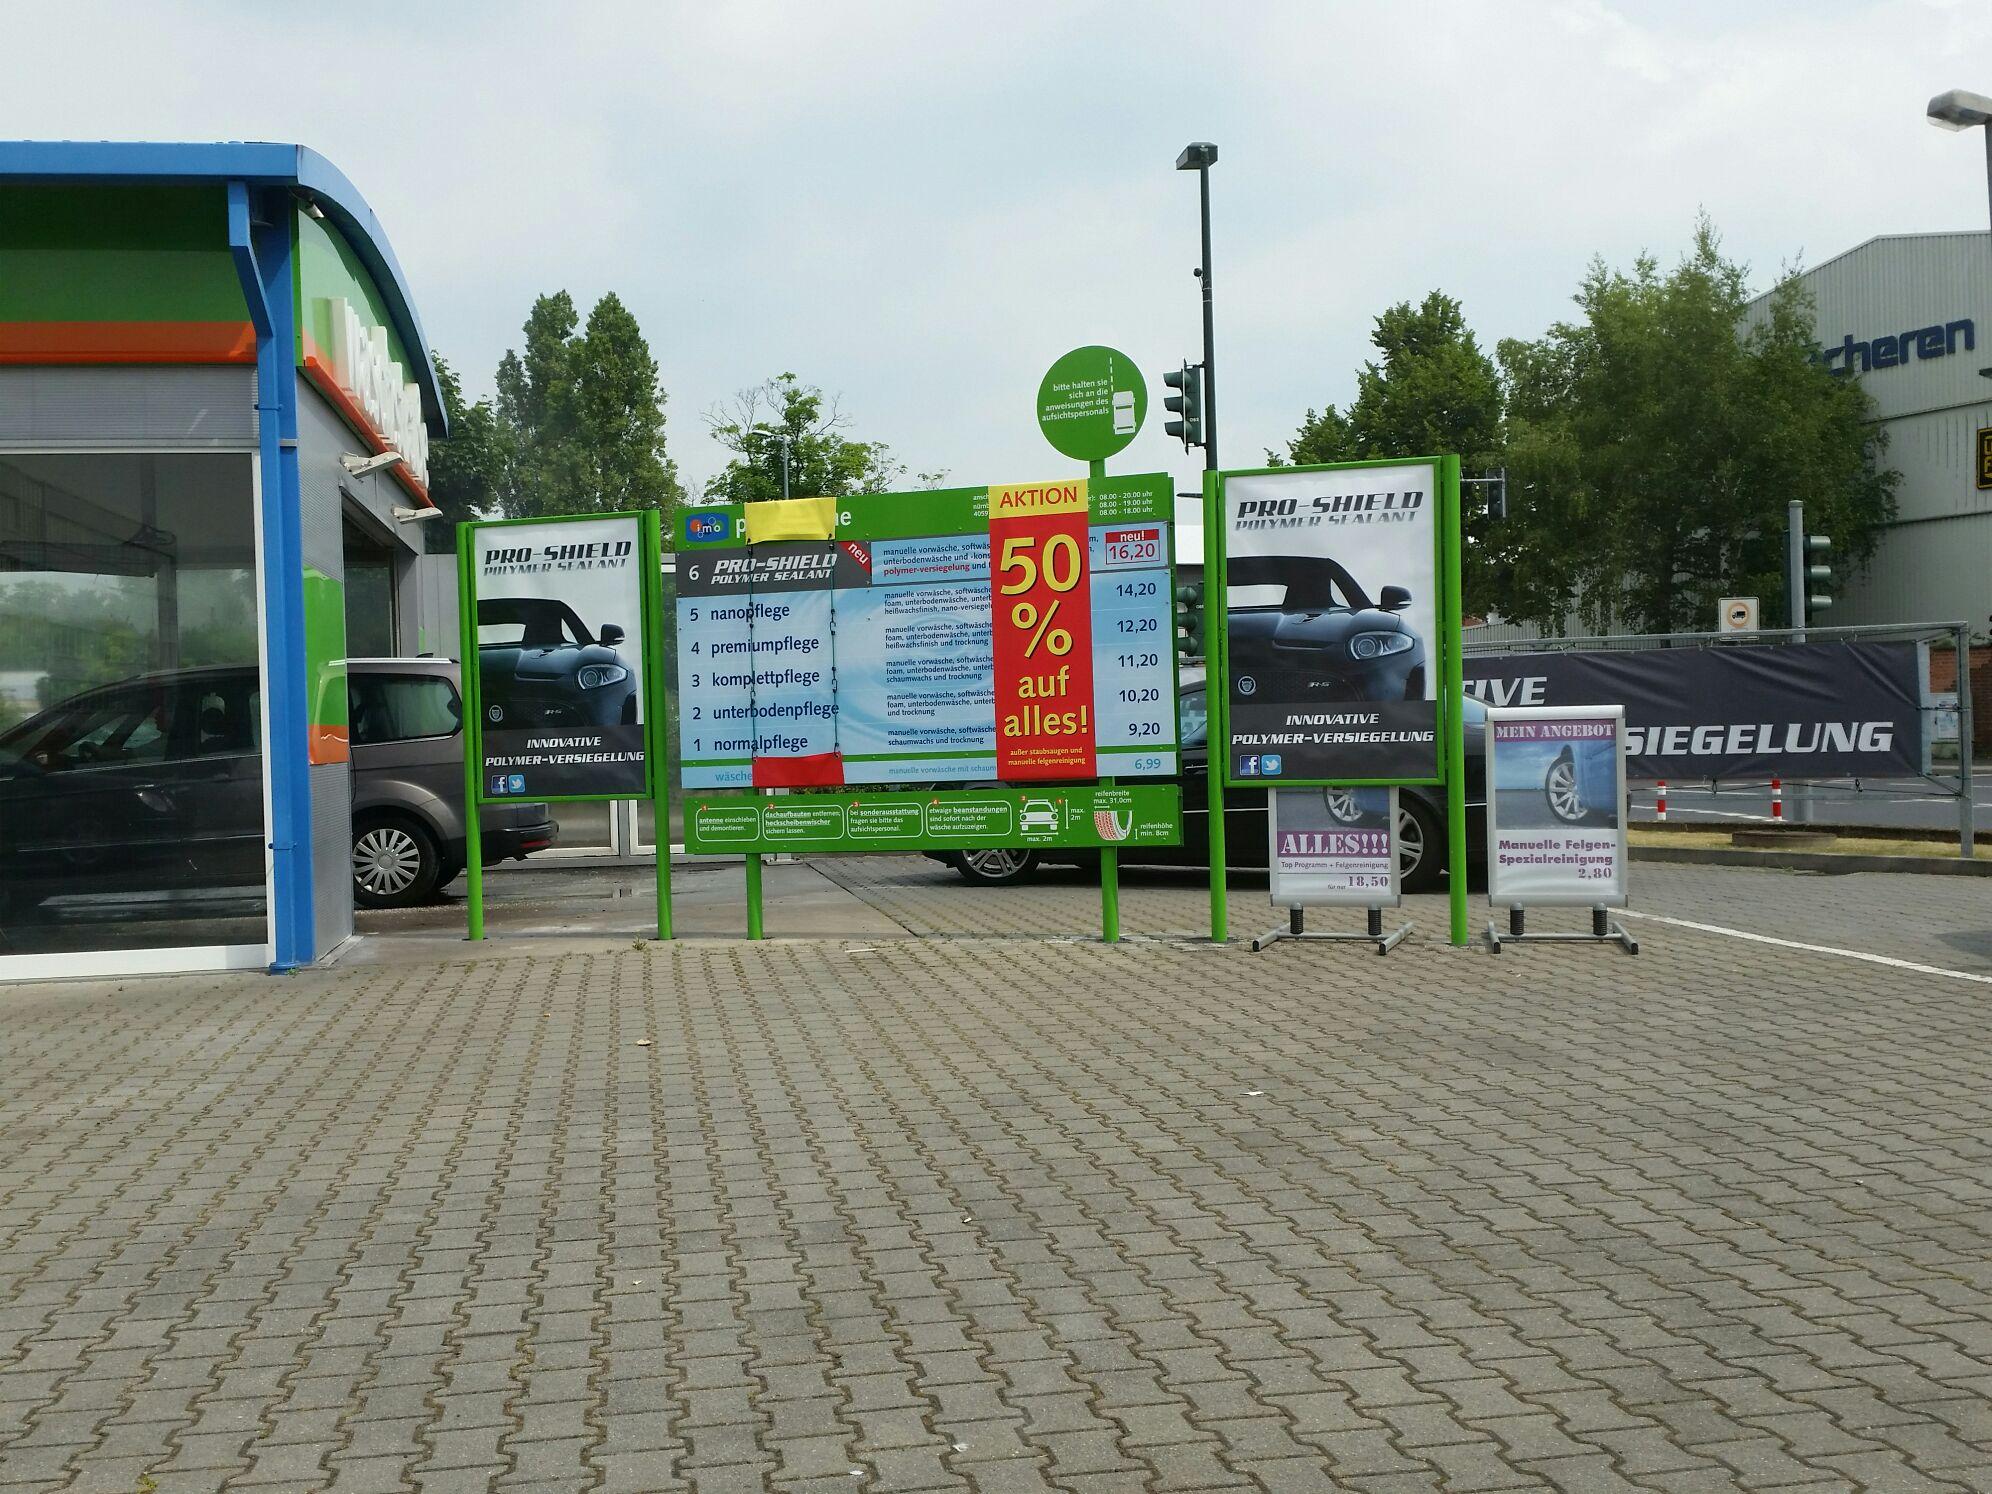 50% auf Autowäsche in Düsseldorf